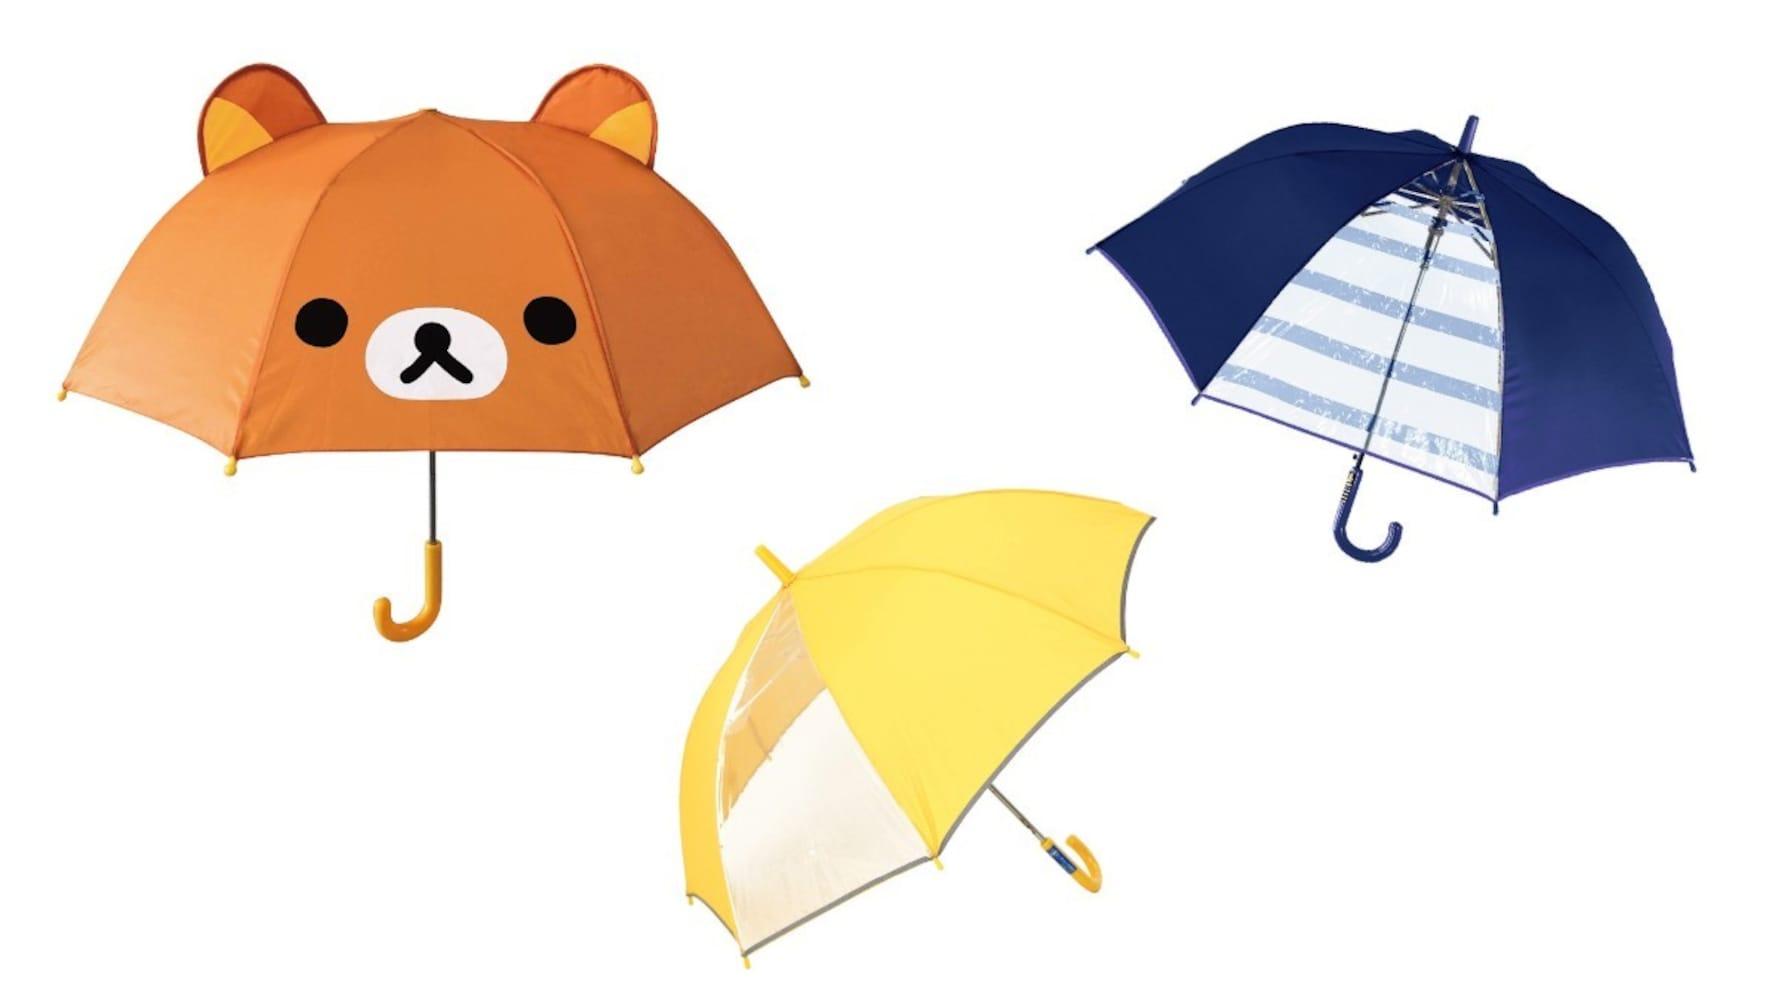 開き方 扱いやすいのはジャンプ傘、ルールを周知してあげて